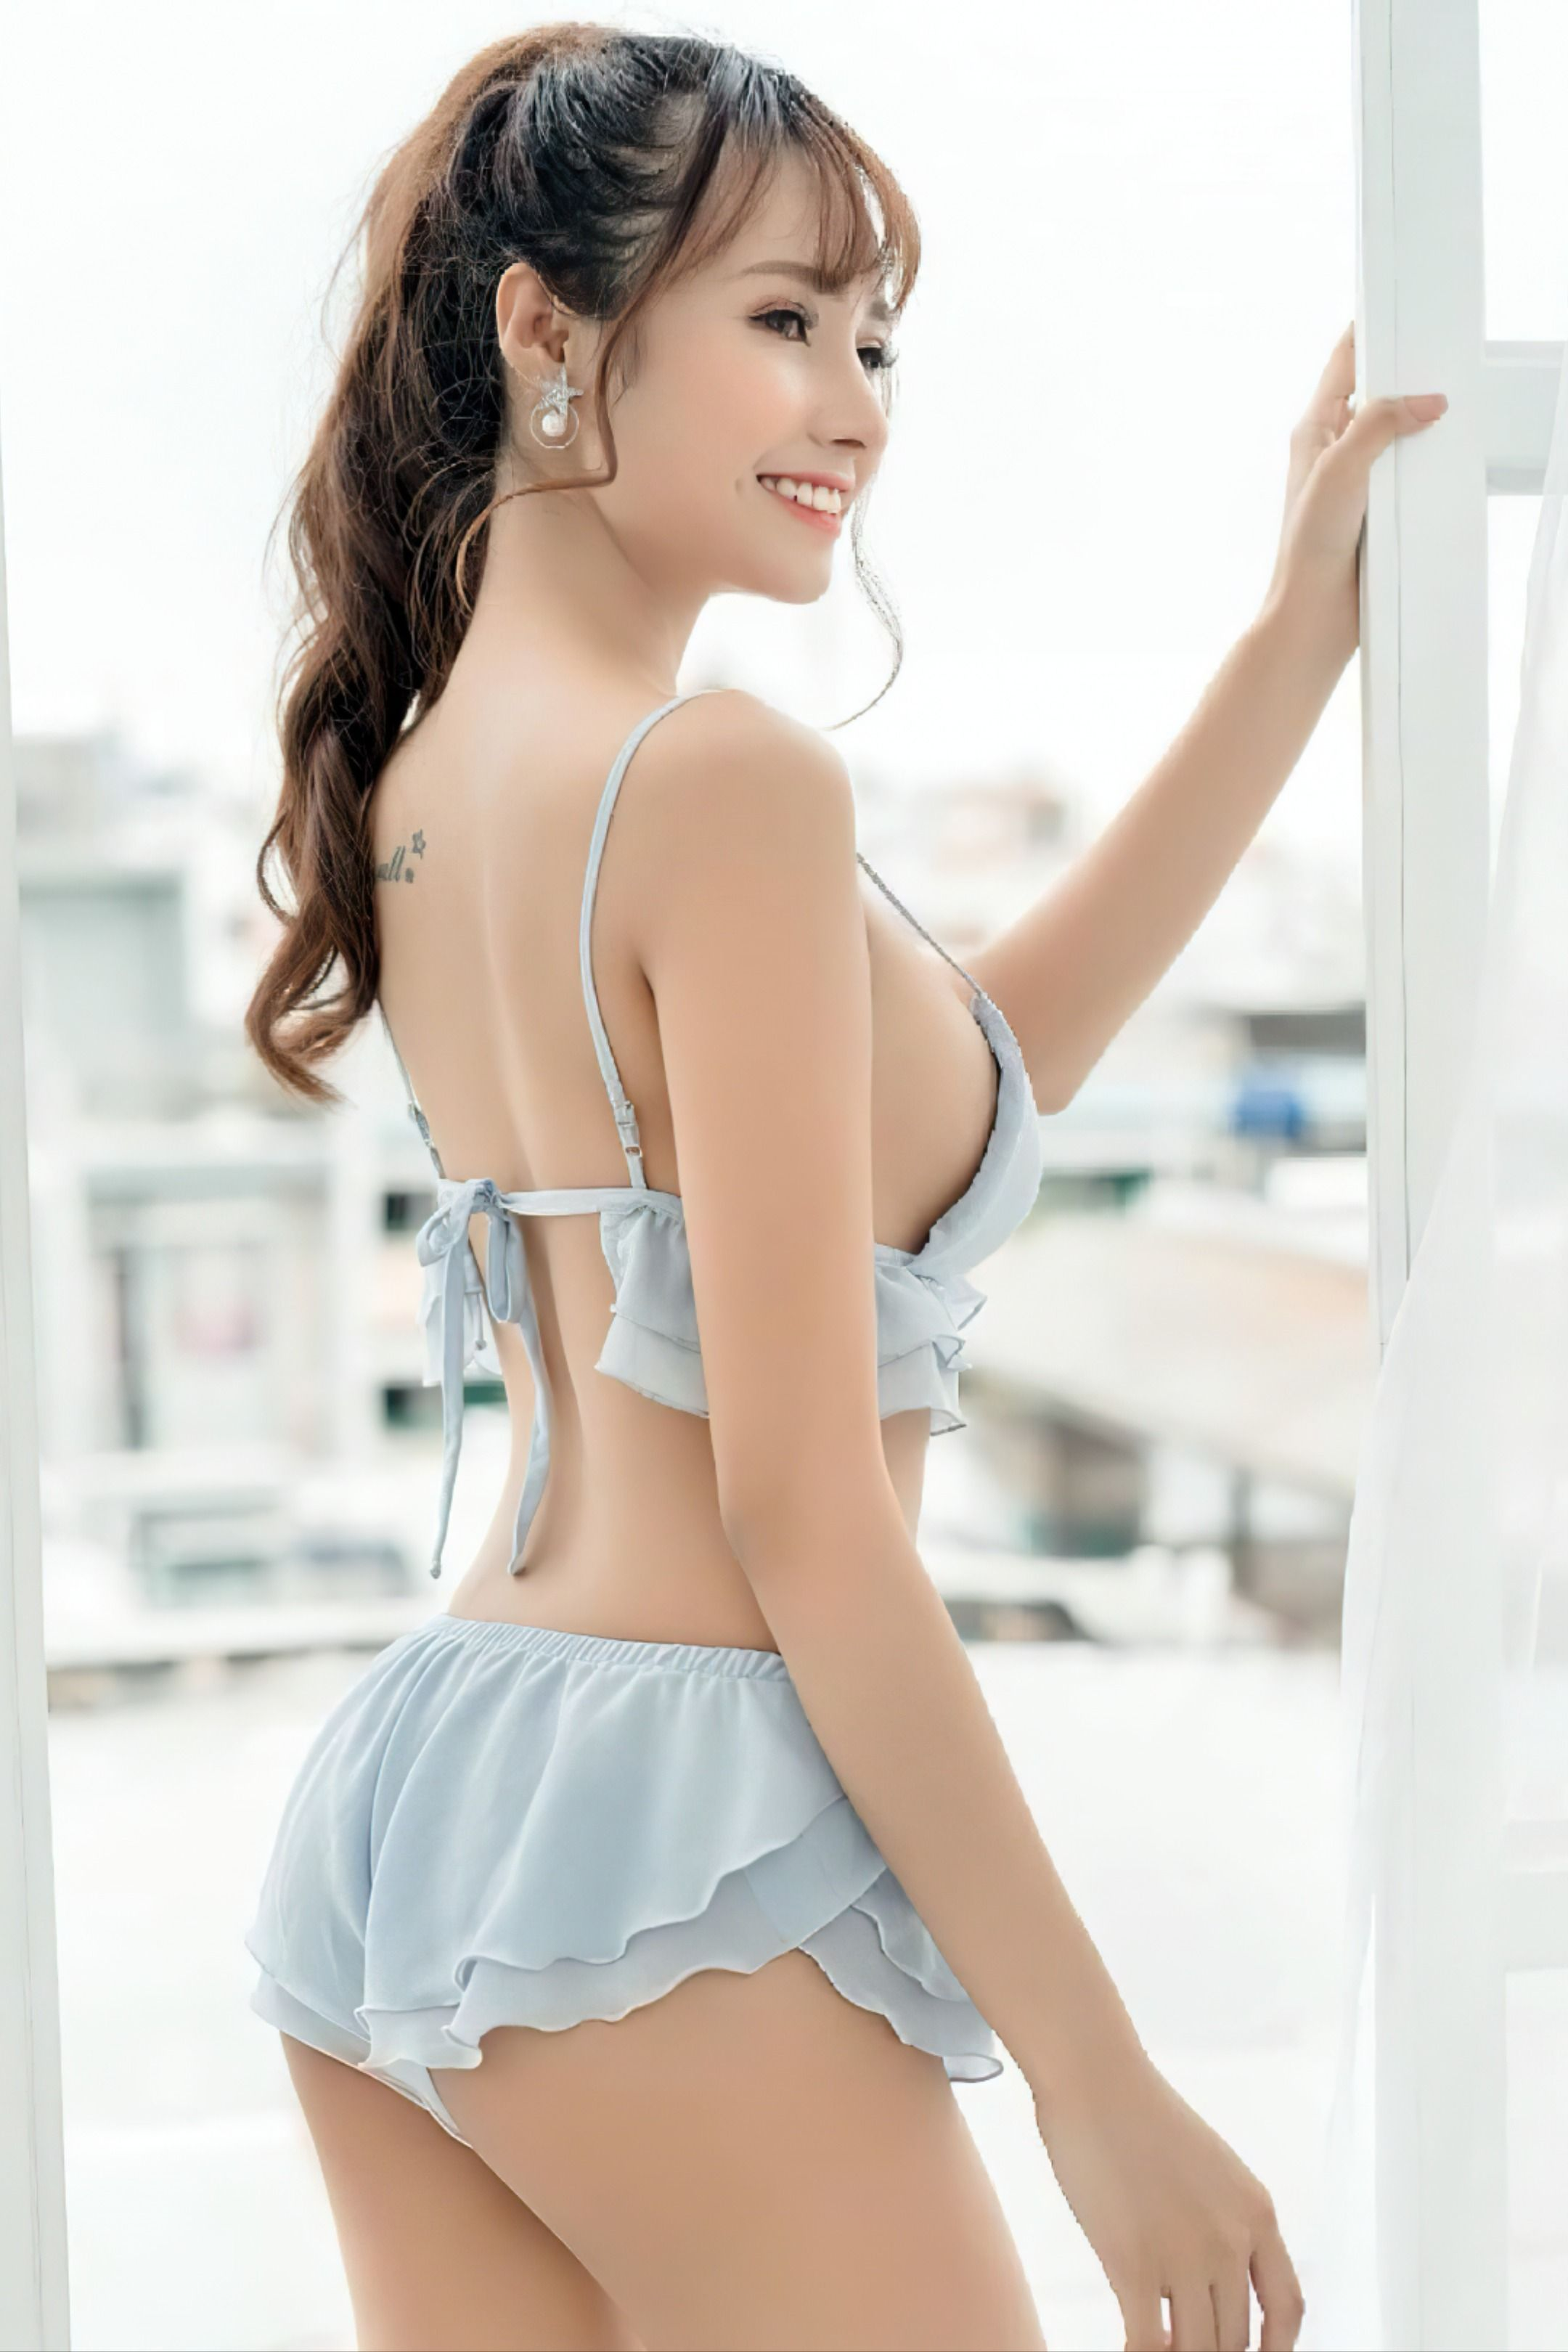 Hot Hot Cute Porn